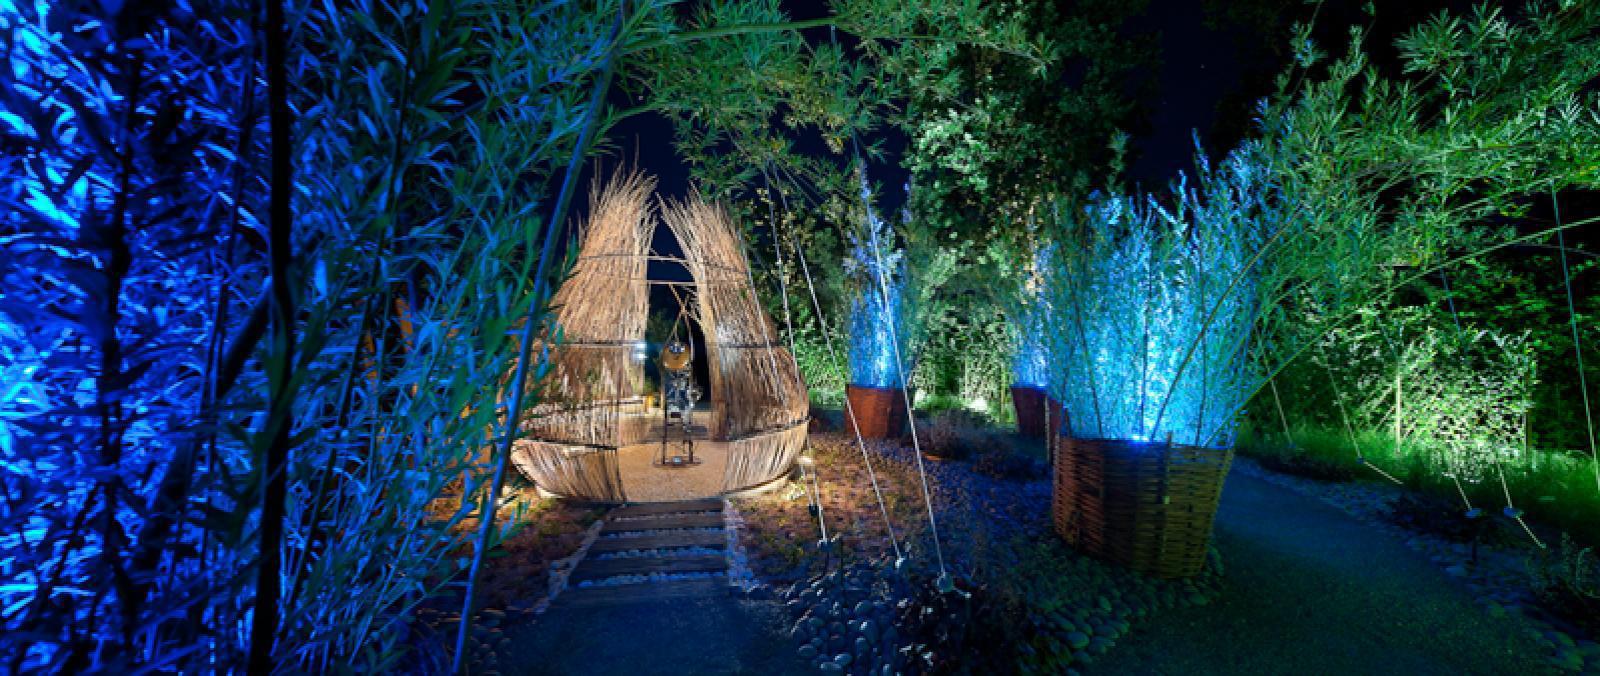 Jardins de Lumiere 2010 - Domaine de Chaumont-sur-Loire